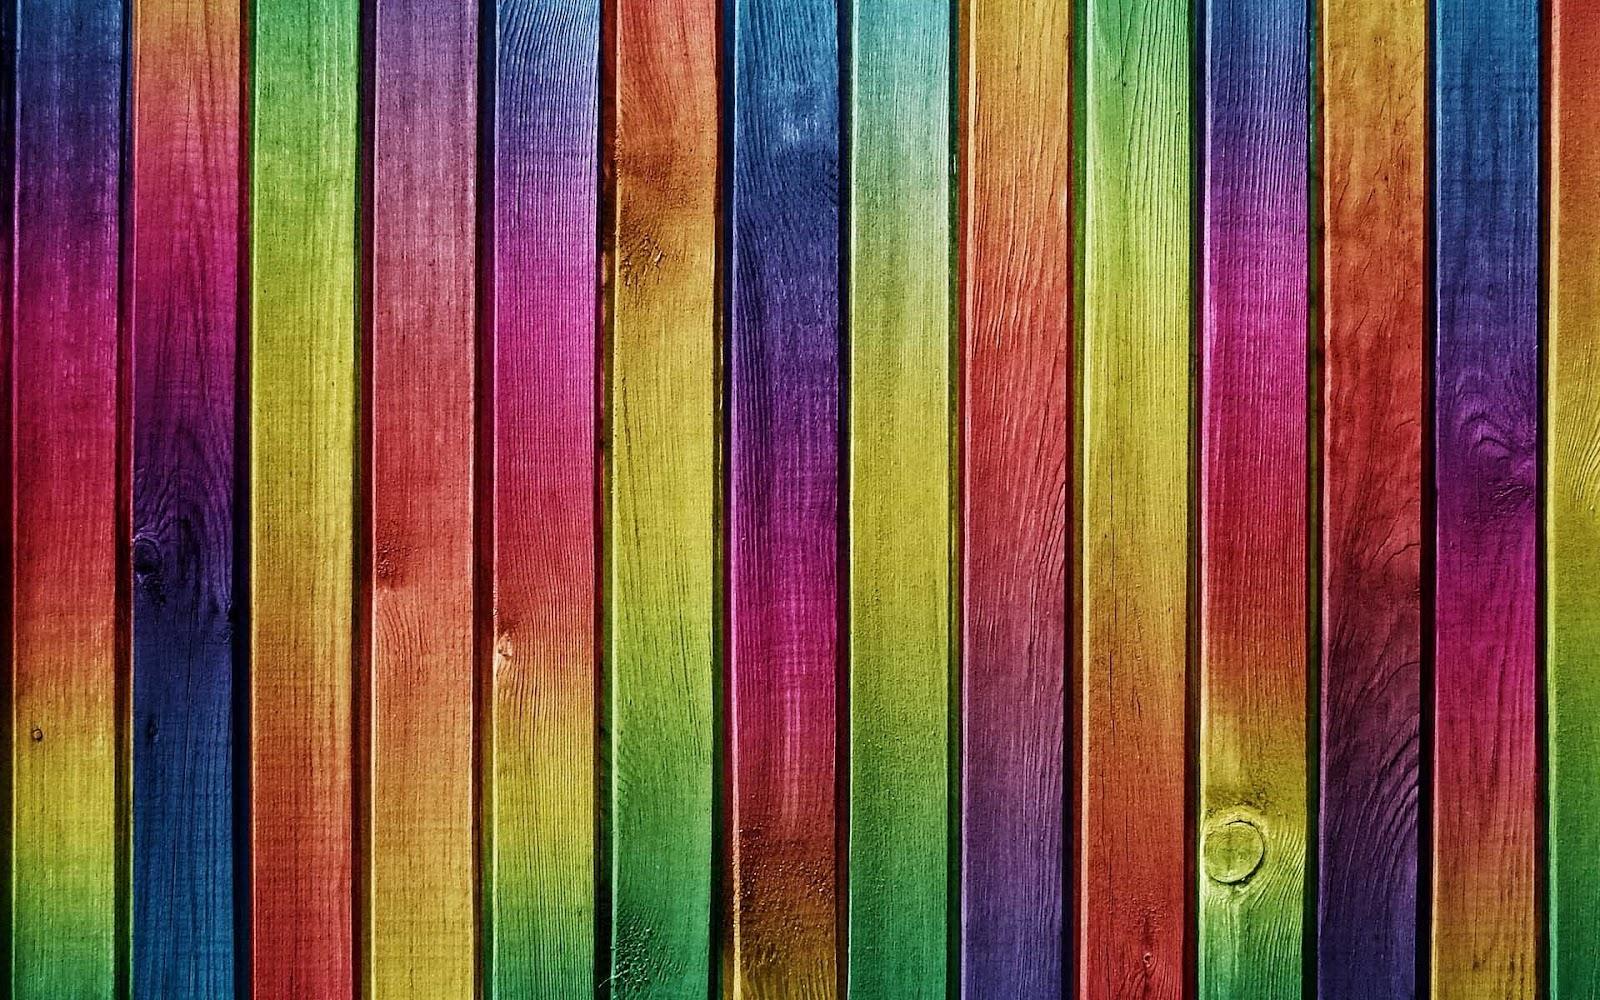 houten achtergronden hd - photo #32